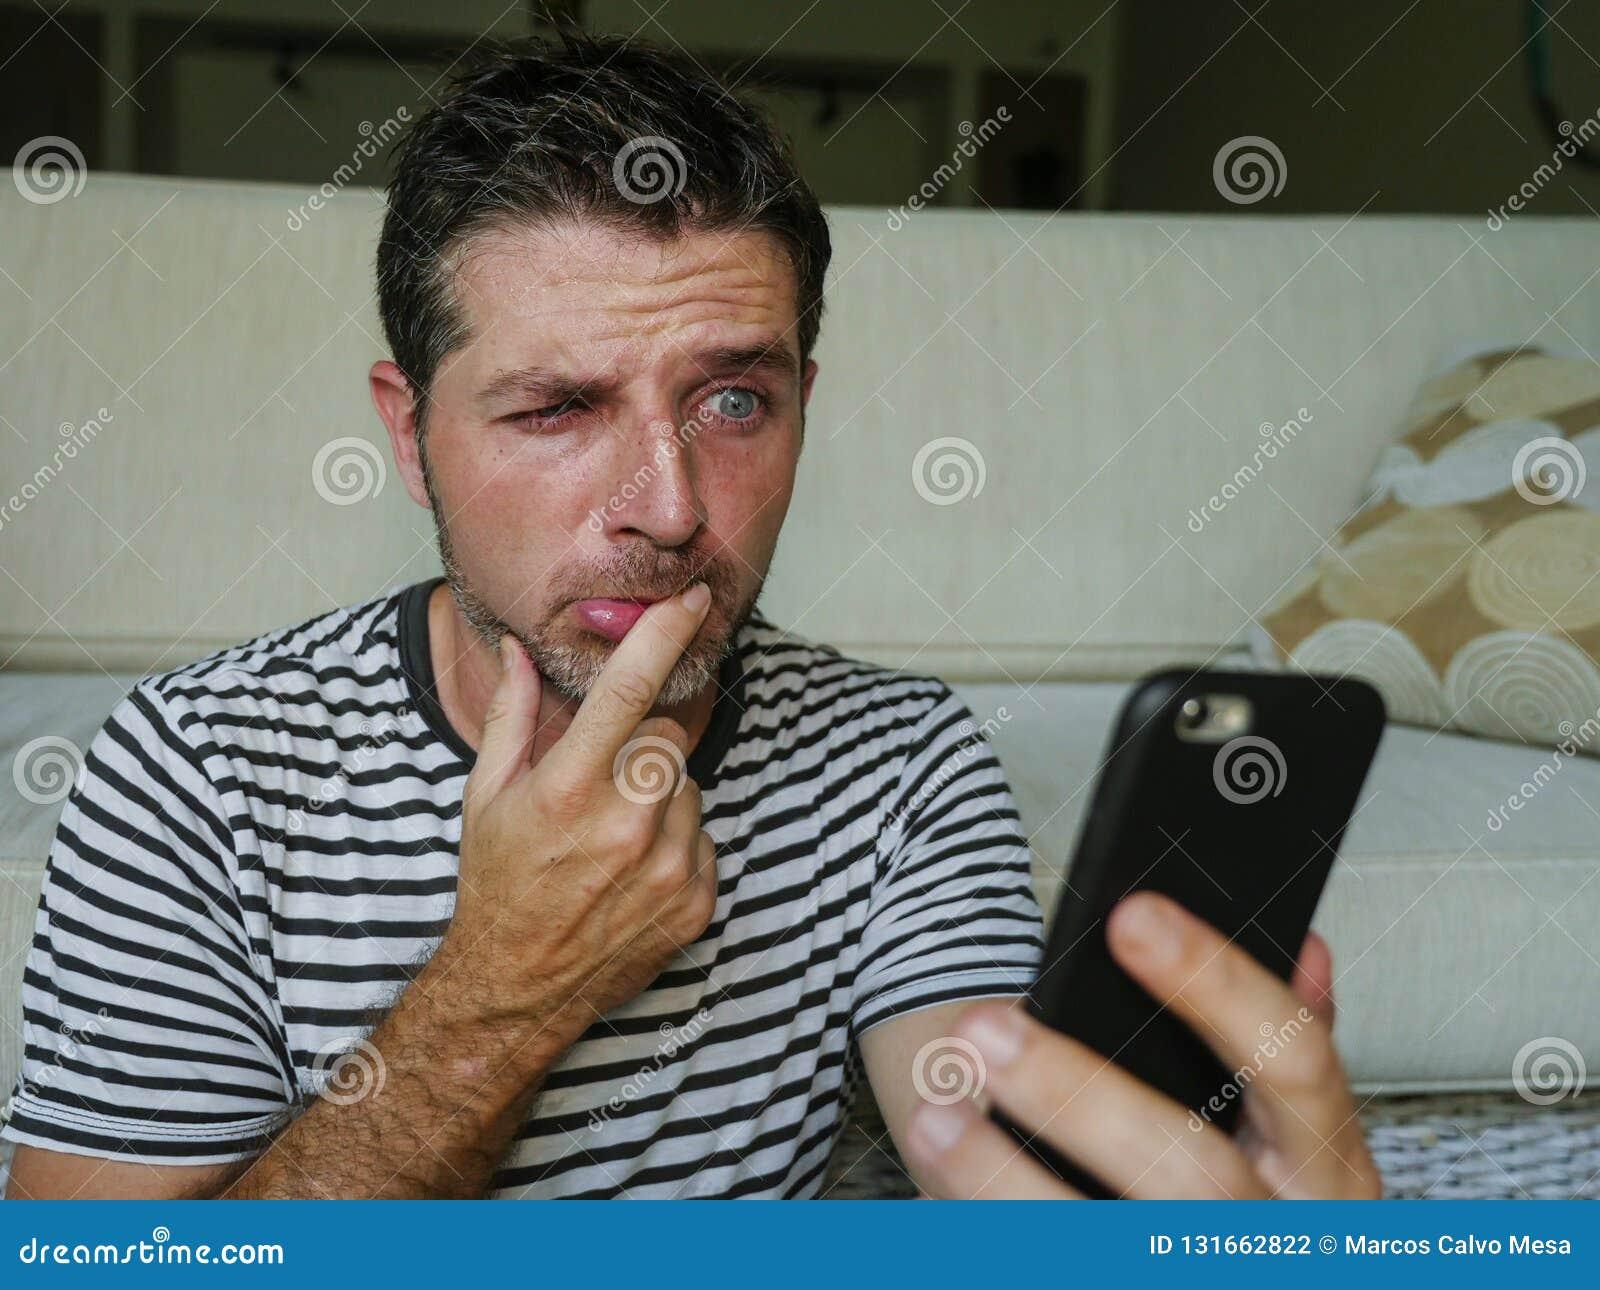 Styl życia portret potomstwa wprawiać w zakłopotanie i stresujący się komicznie mężczyzny mienia telefon komórkowy patrzeje śmies